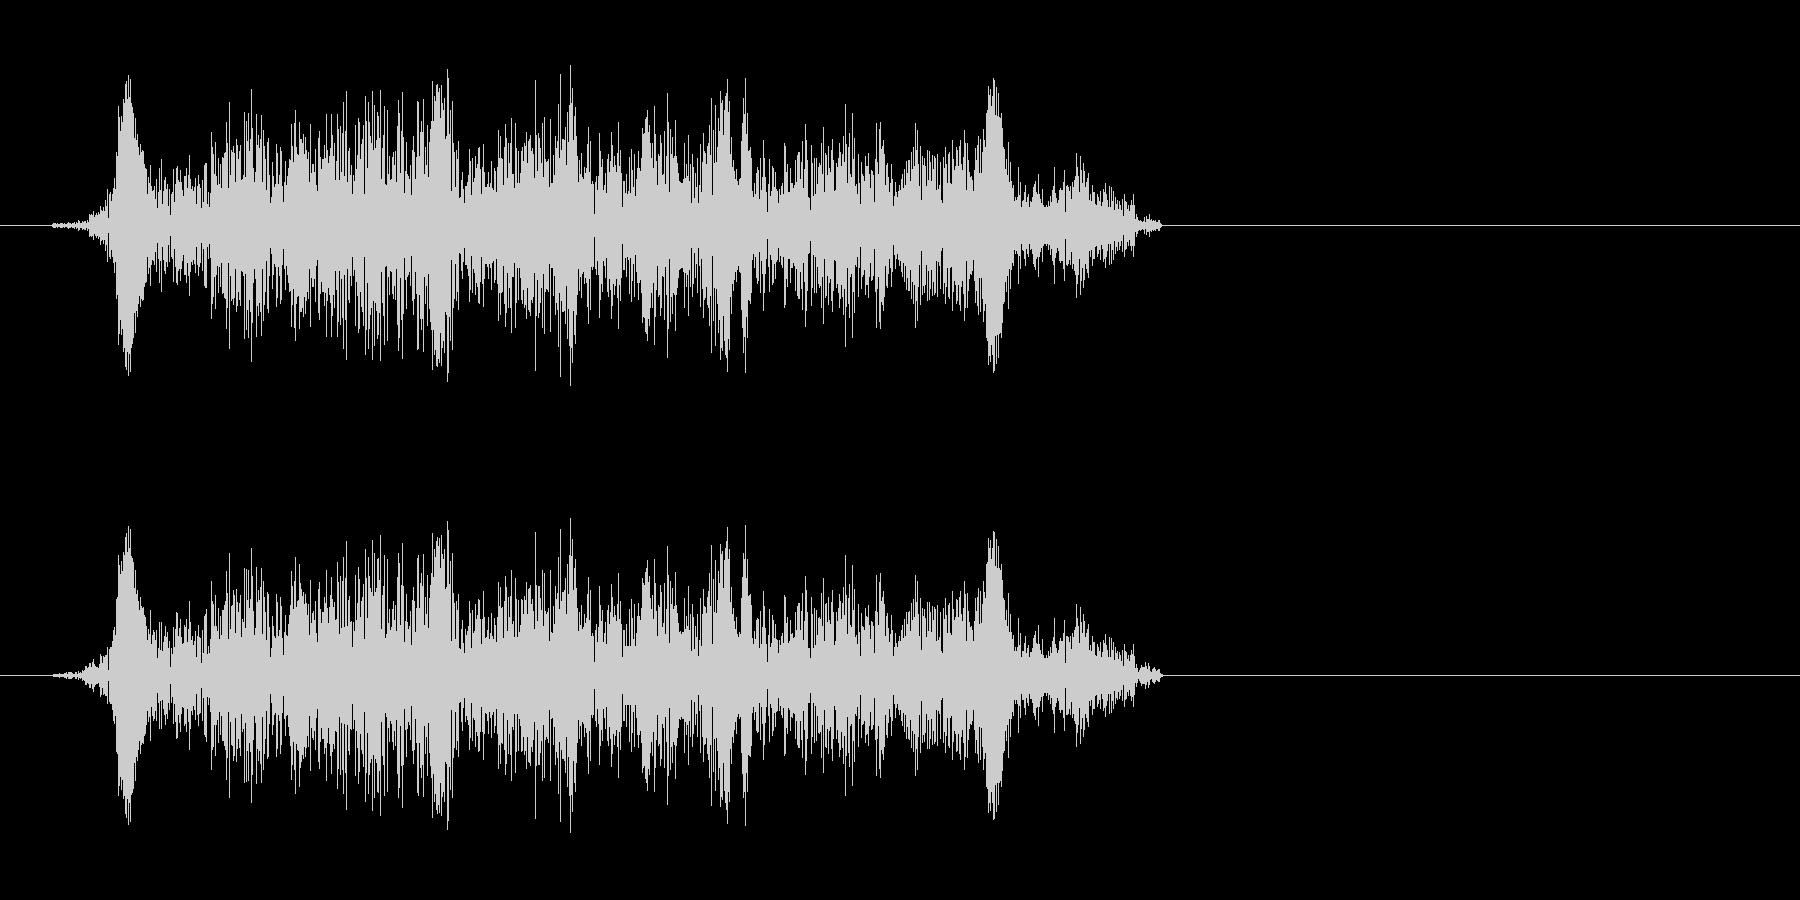 キュッ(ギターなどの弦を擦る音)の未再生の波形